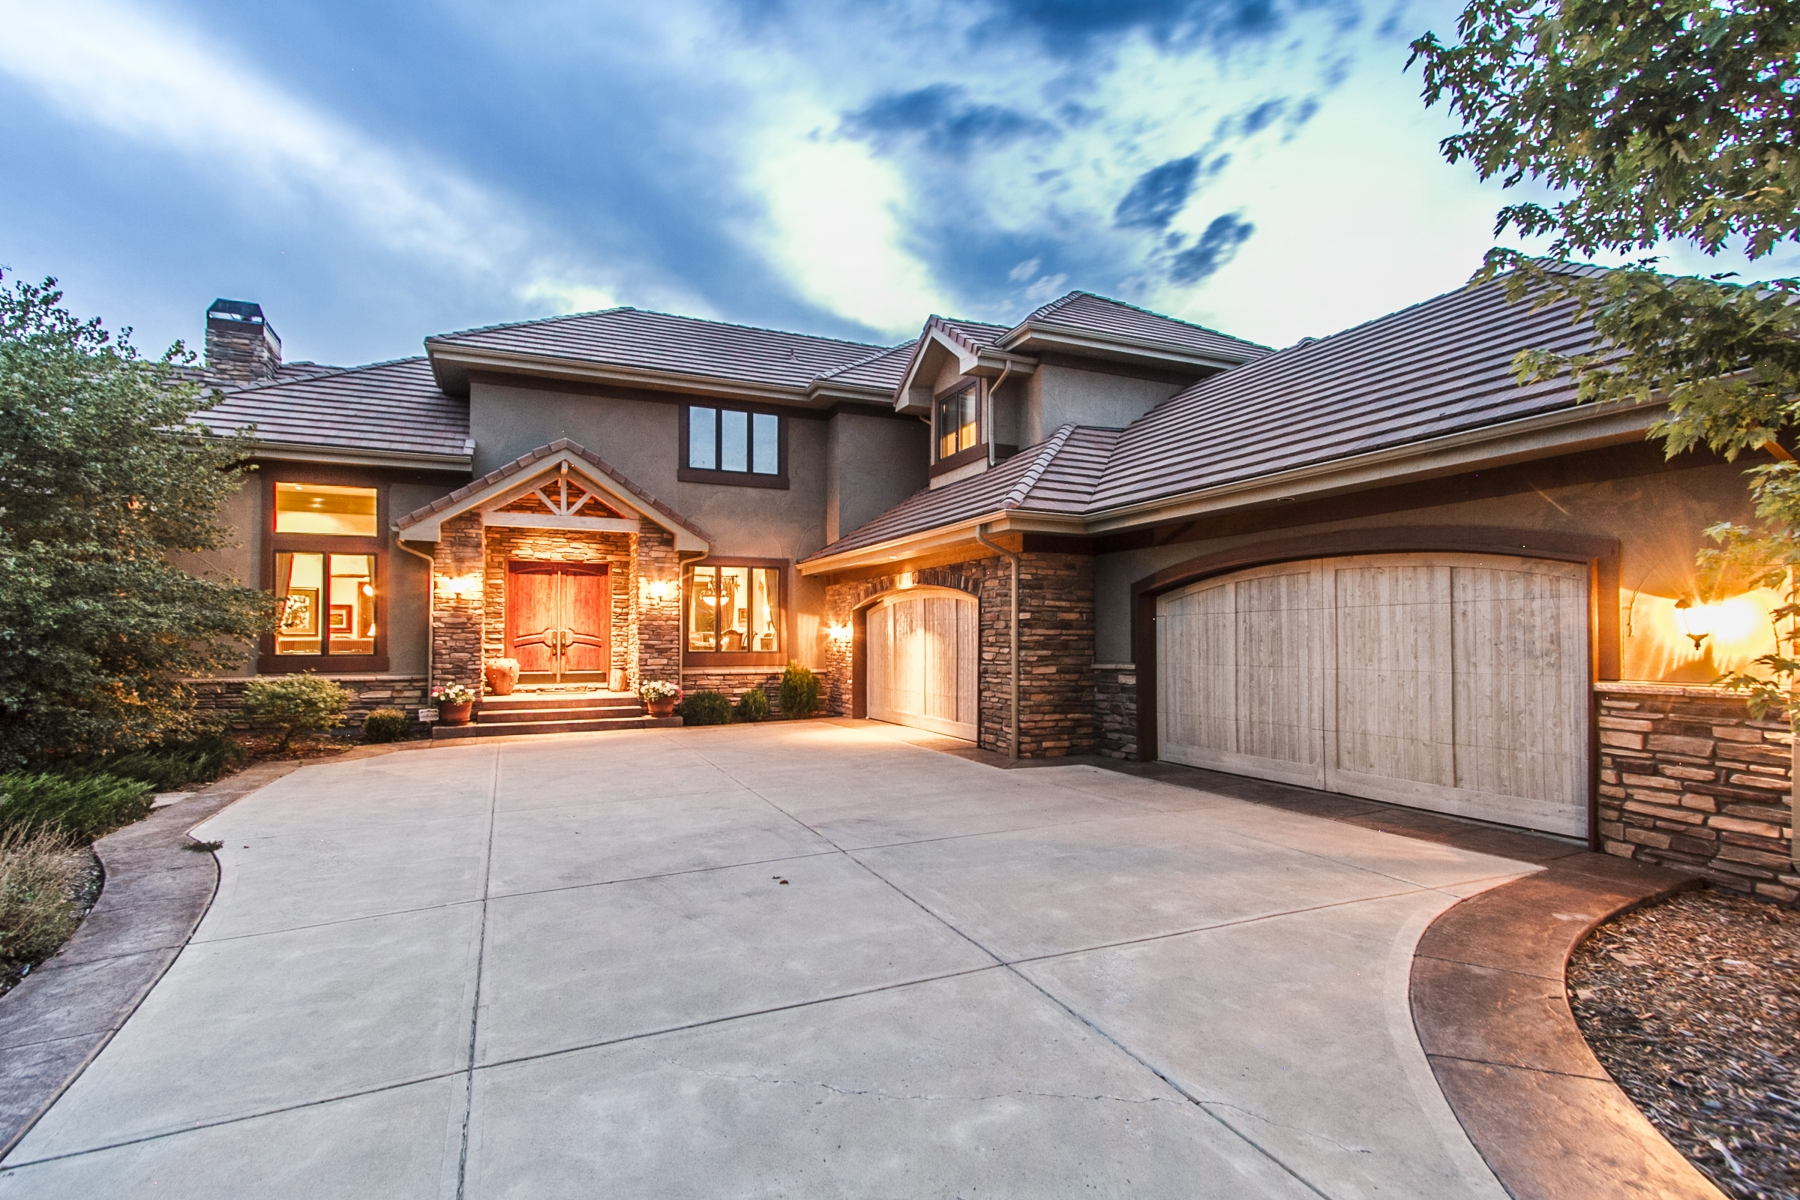 Maison unifamiliale pour l Vente à Top quality custom builder's home 31 Brookhaven Ln Littleton, Colorado 80123 États-Unis